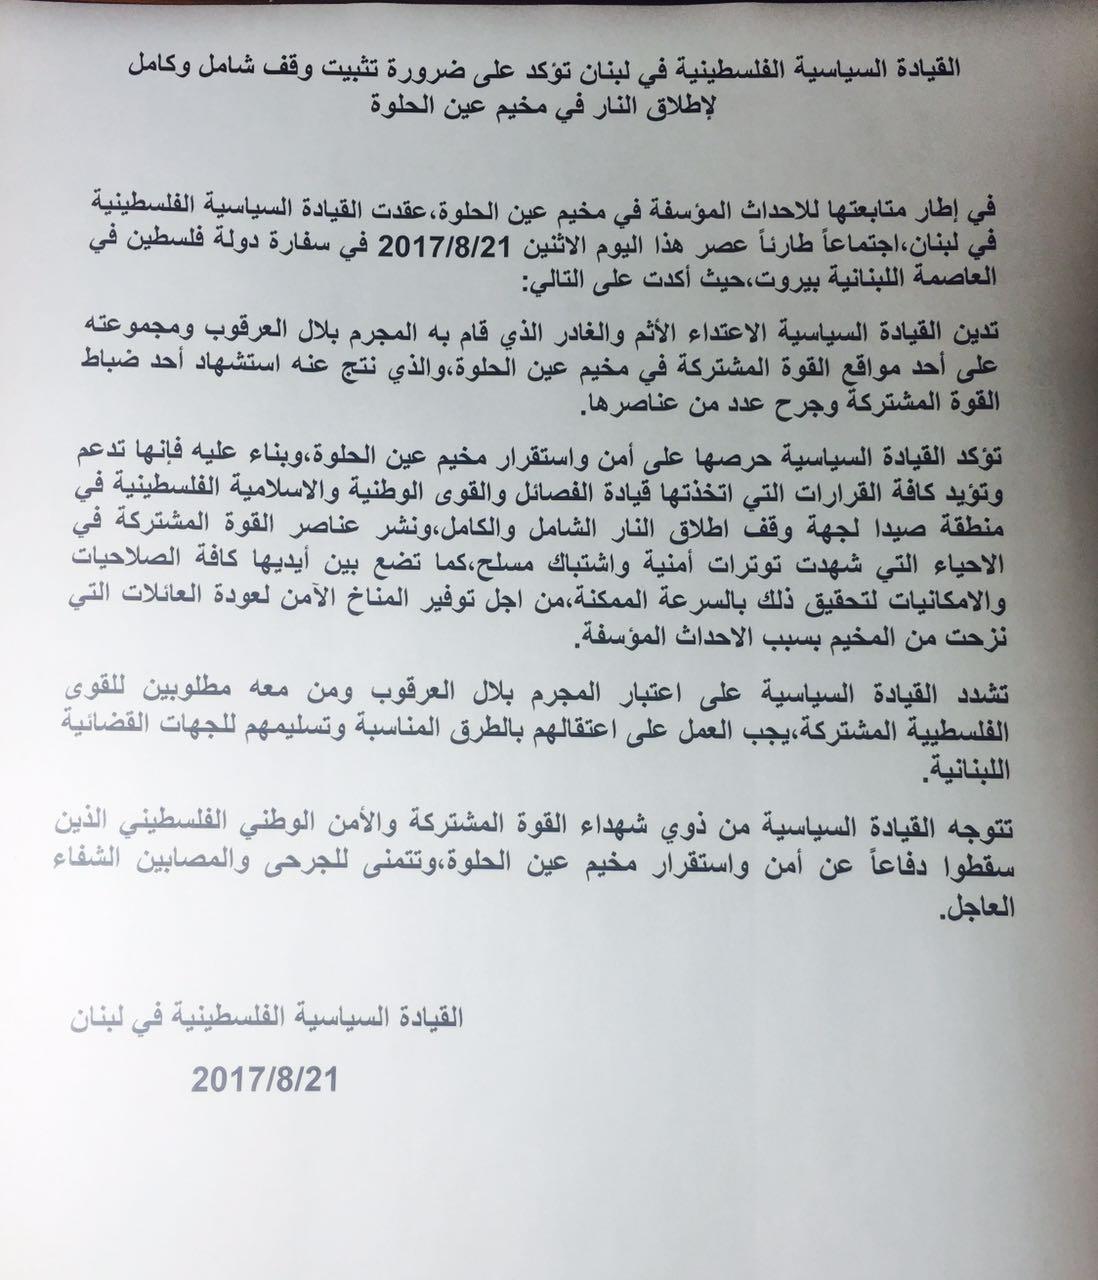 القيادة السياسية الفلسطينية تؤكد تثبيت وقف اطلاق النار في مخيم عين الحلوة